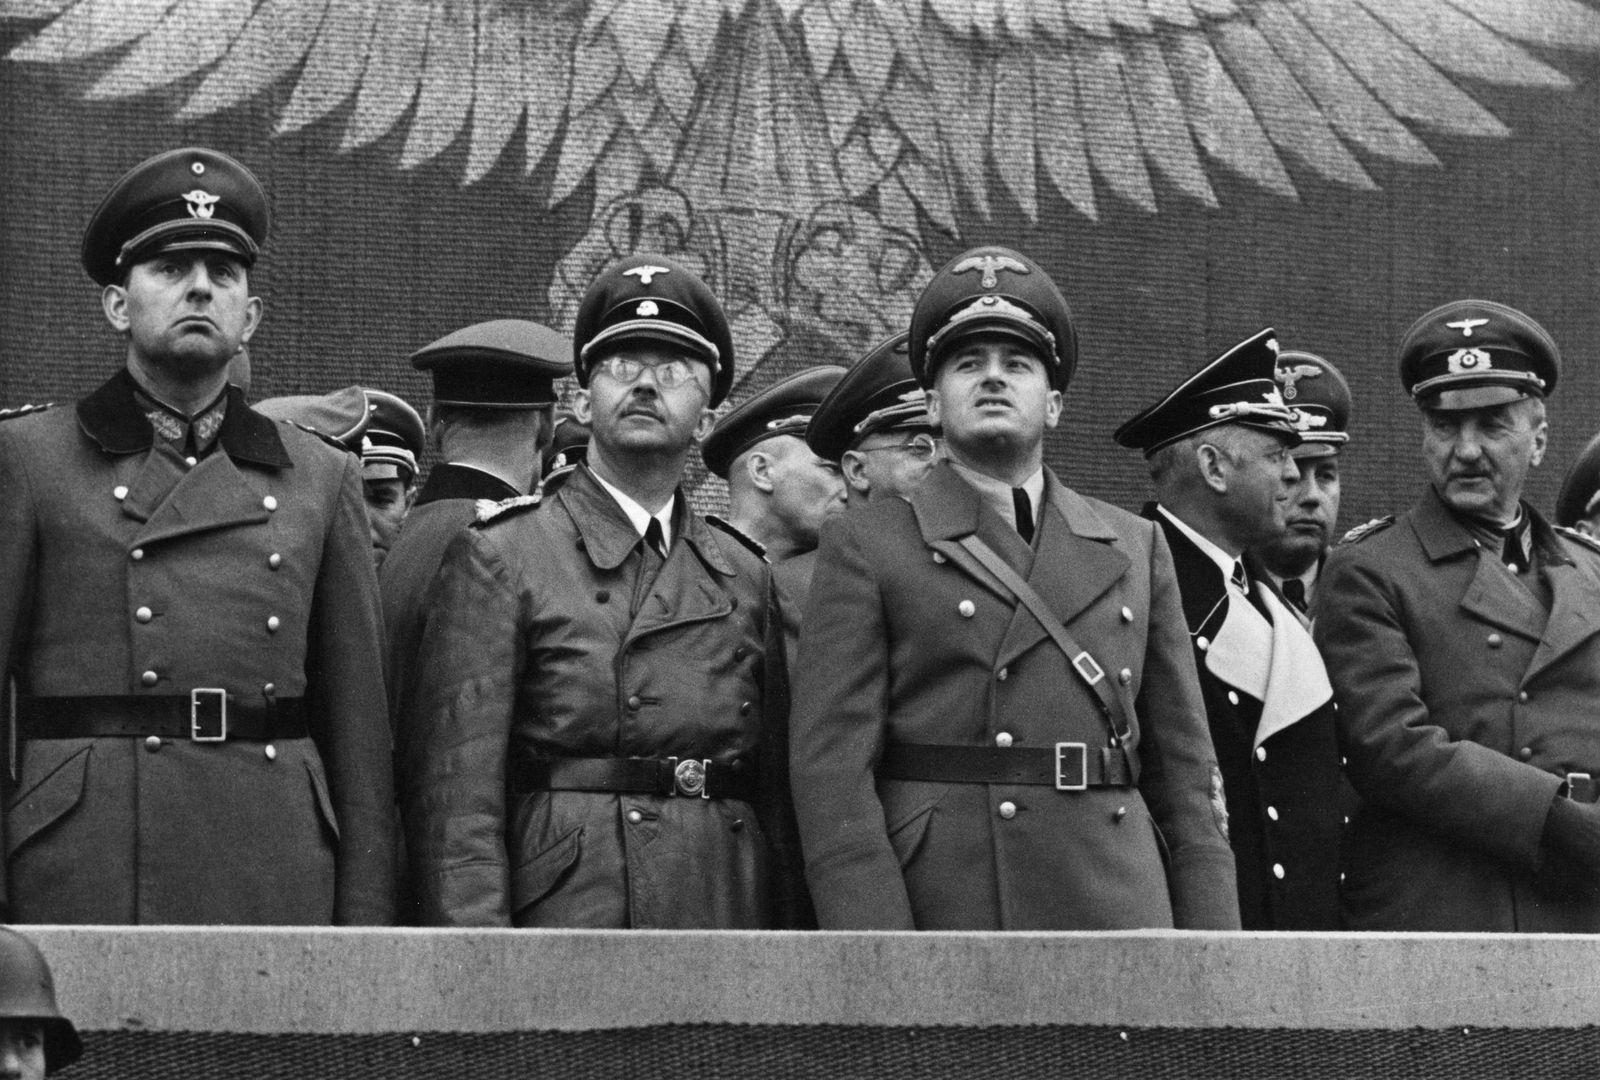 Hans Swarowsky - Parade deutscher Polizeitruppen in Krakau anl??lich des 1. Jahrestages der Gr¸ndung des Generalgouvernements.